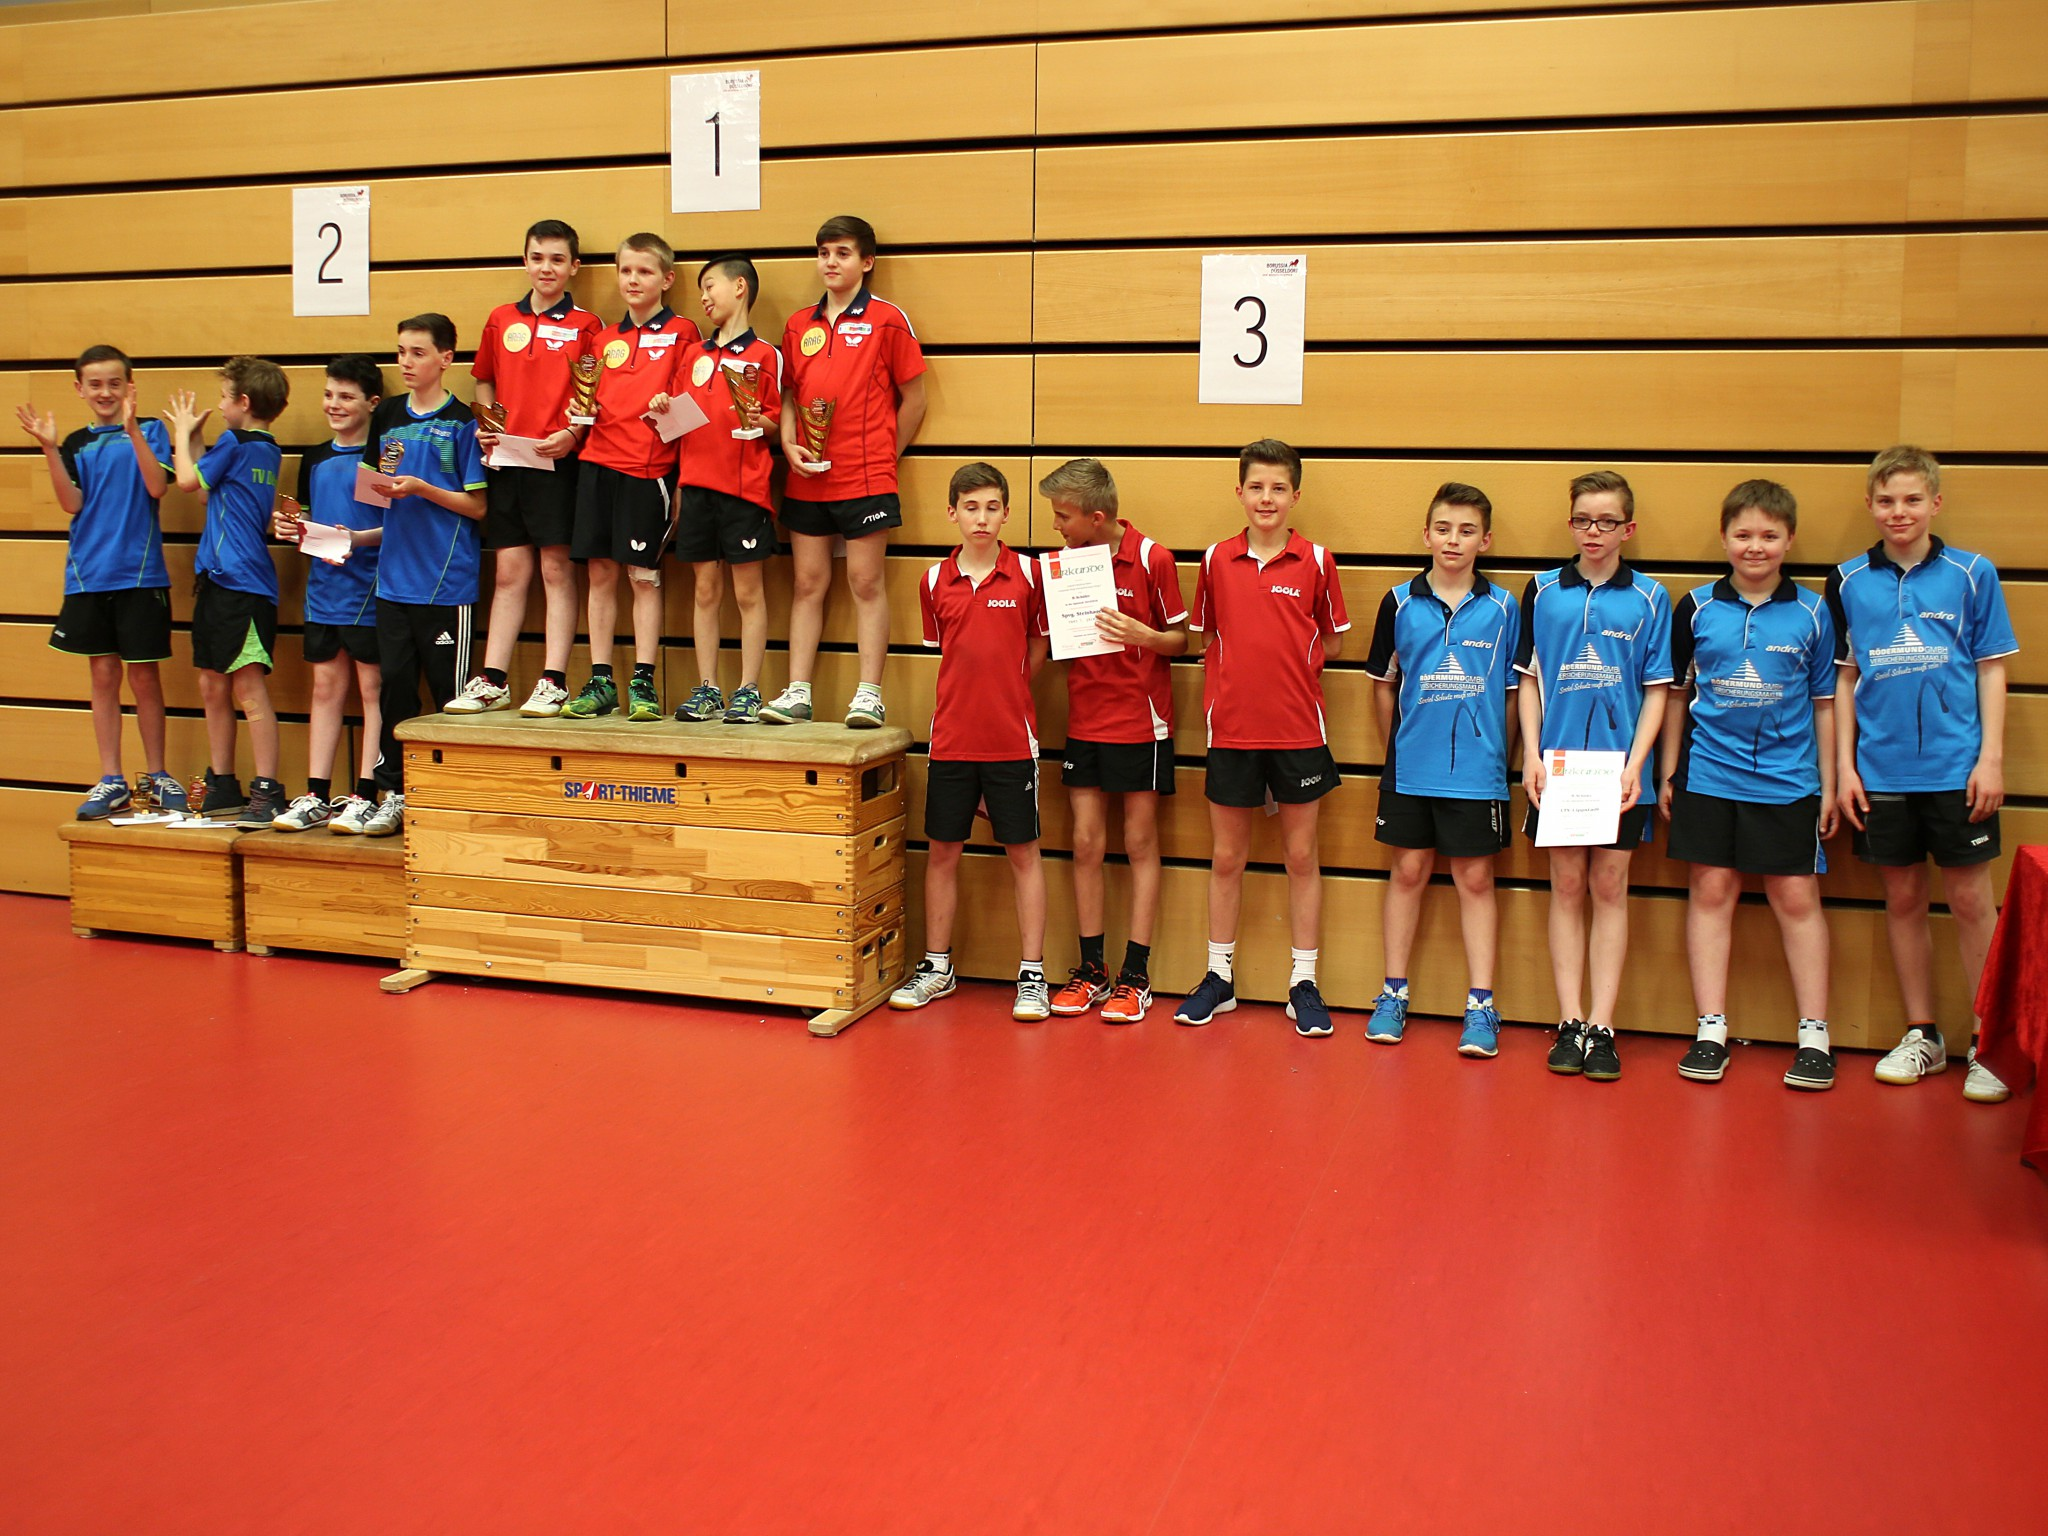 4. Platz bei Westdeutschen B-Schüler Mannschafts-meisterschaften